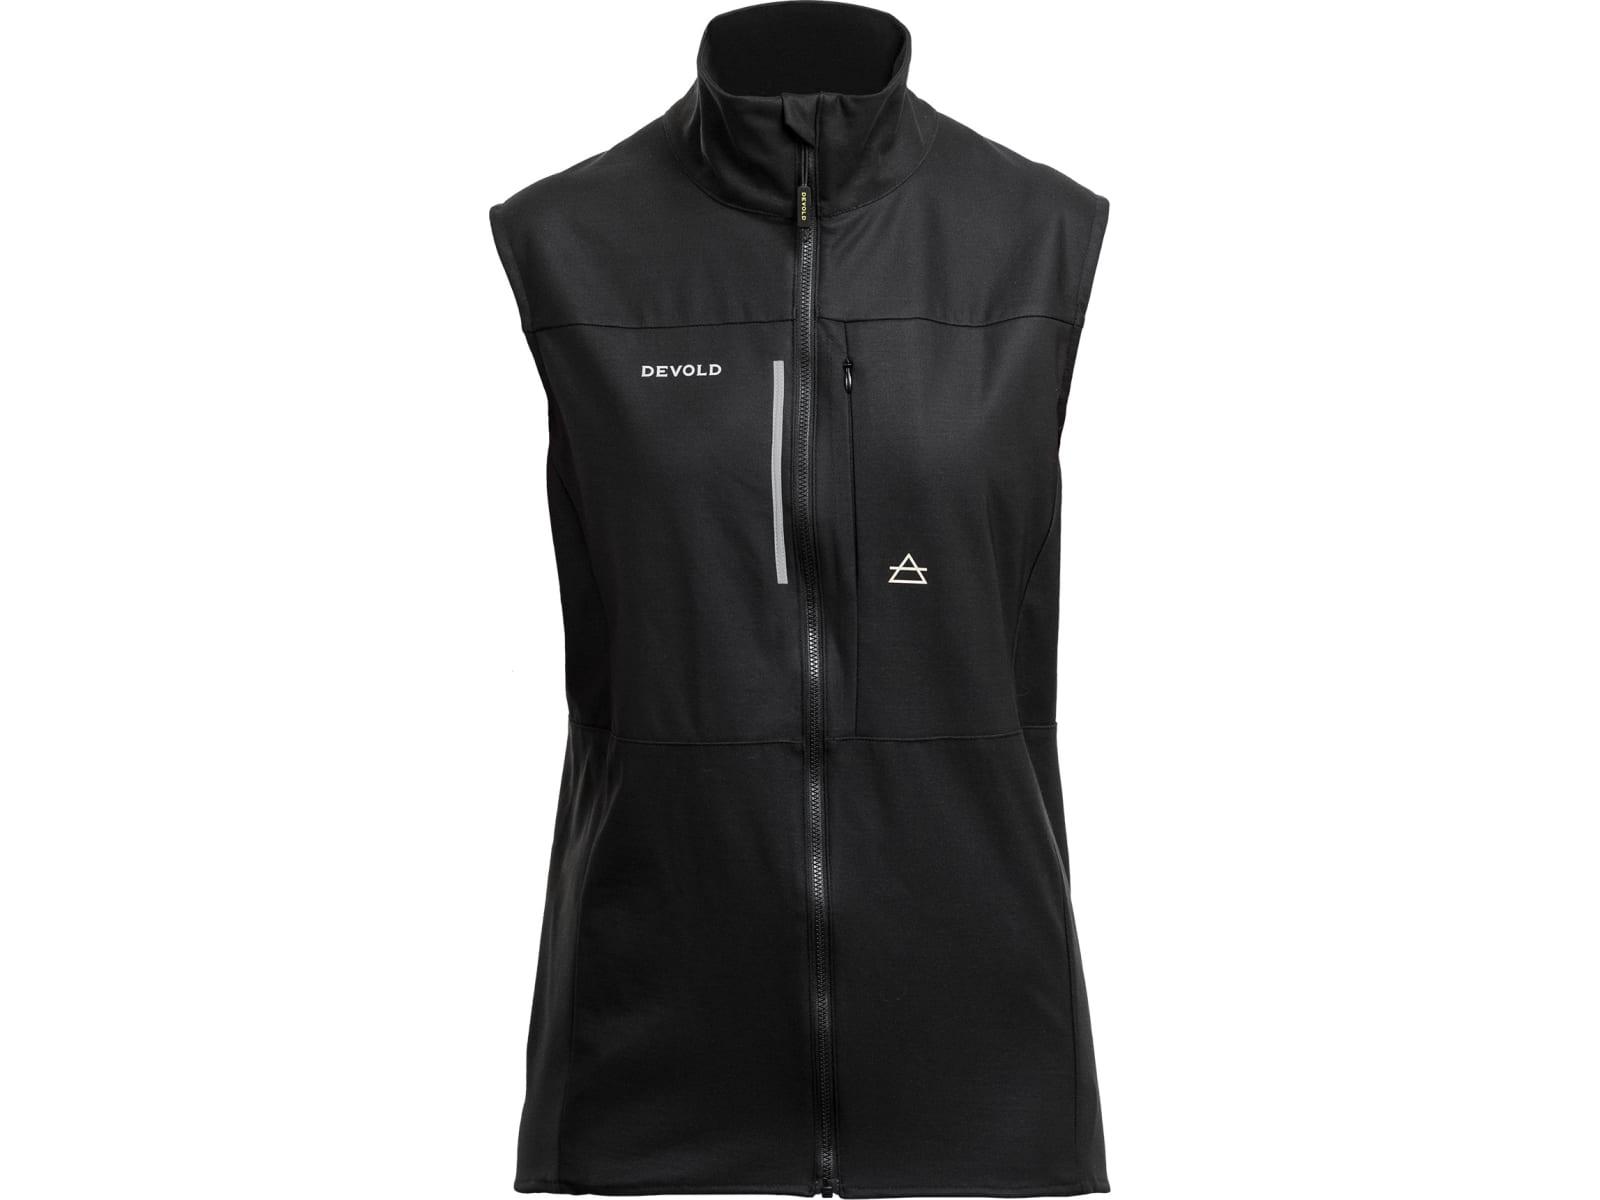 a500dff5 Devold Running Woman Vest   Anton Sport